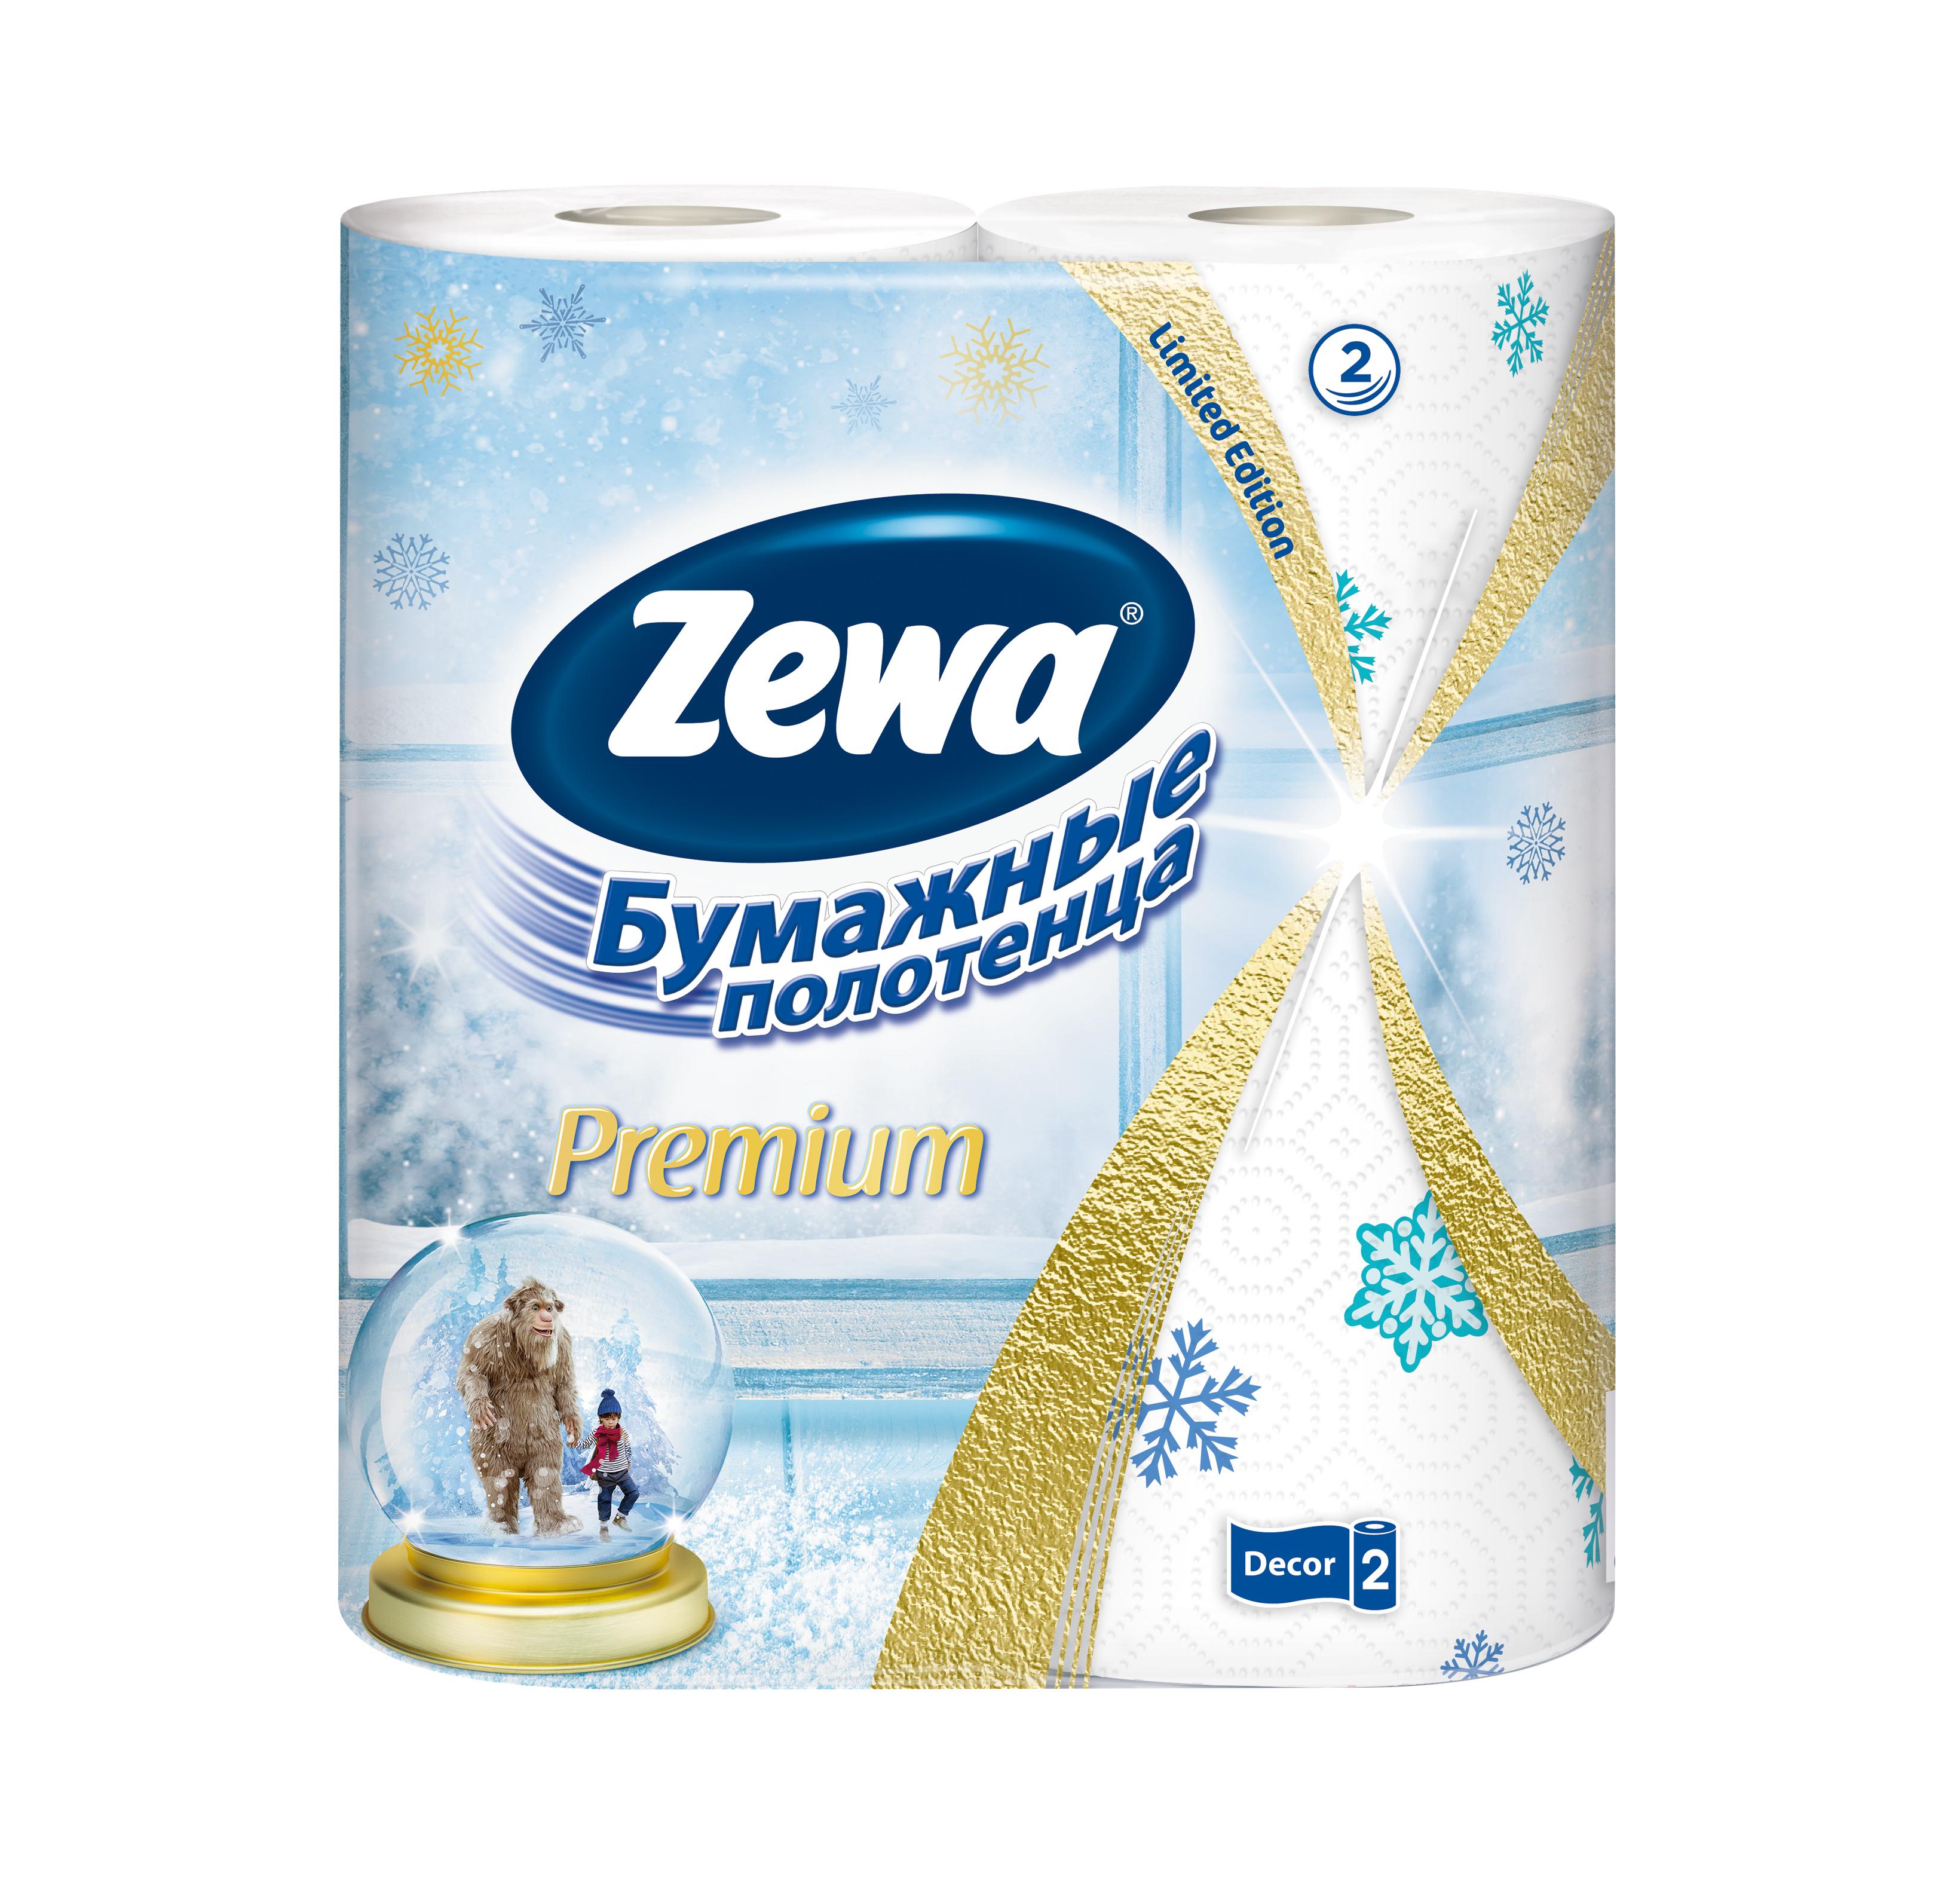 Полотенца бумажные Zewa Premium, двухслойные, 2 рулона. 144102144102Бумажные полотенца Zewa Premium прекрасно подойдут для использования на кухне. В комплекте - 2 рулона двухслойных полотенец с изображением снежинок и тиснением. Особенности полотенец Zewa:- не оставляют разводов на гладких и стеклянных поверхностях, - идеально впитывают влагу, - отлично впитывают жир, - подходят для ухода за домашними животными, бытовой техникой, автомобилем. Полотенца мягкие, но в тоже время прочные, с отрывом по линии перфорации.Товар сертифицирован.